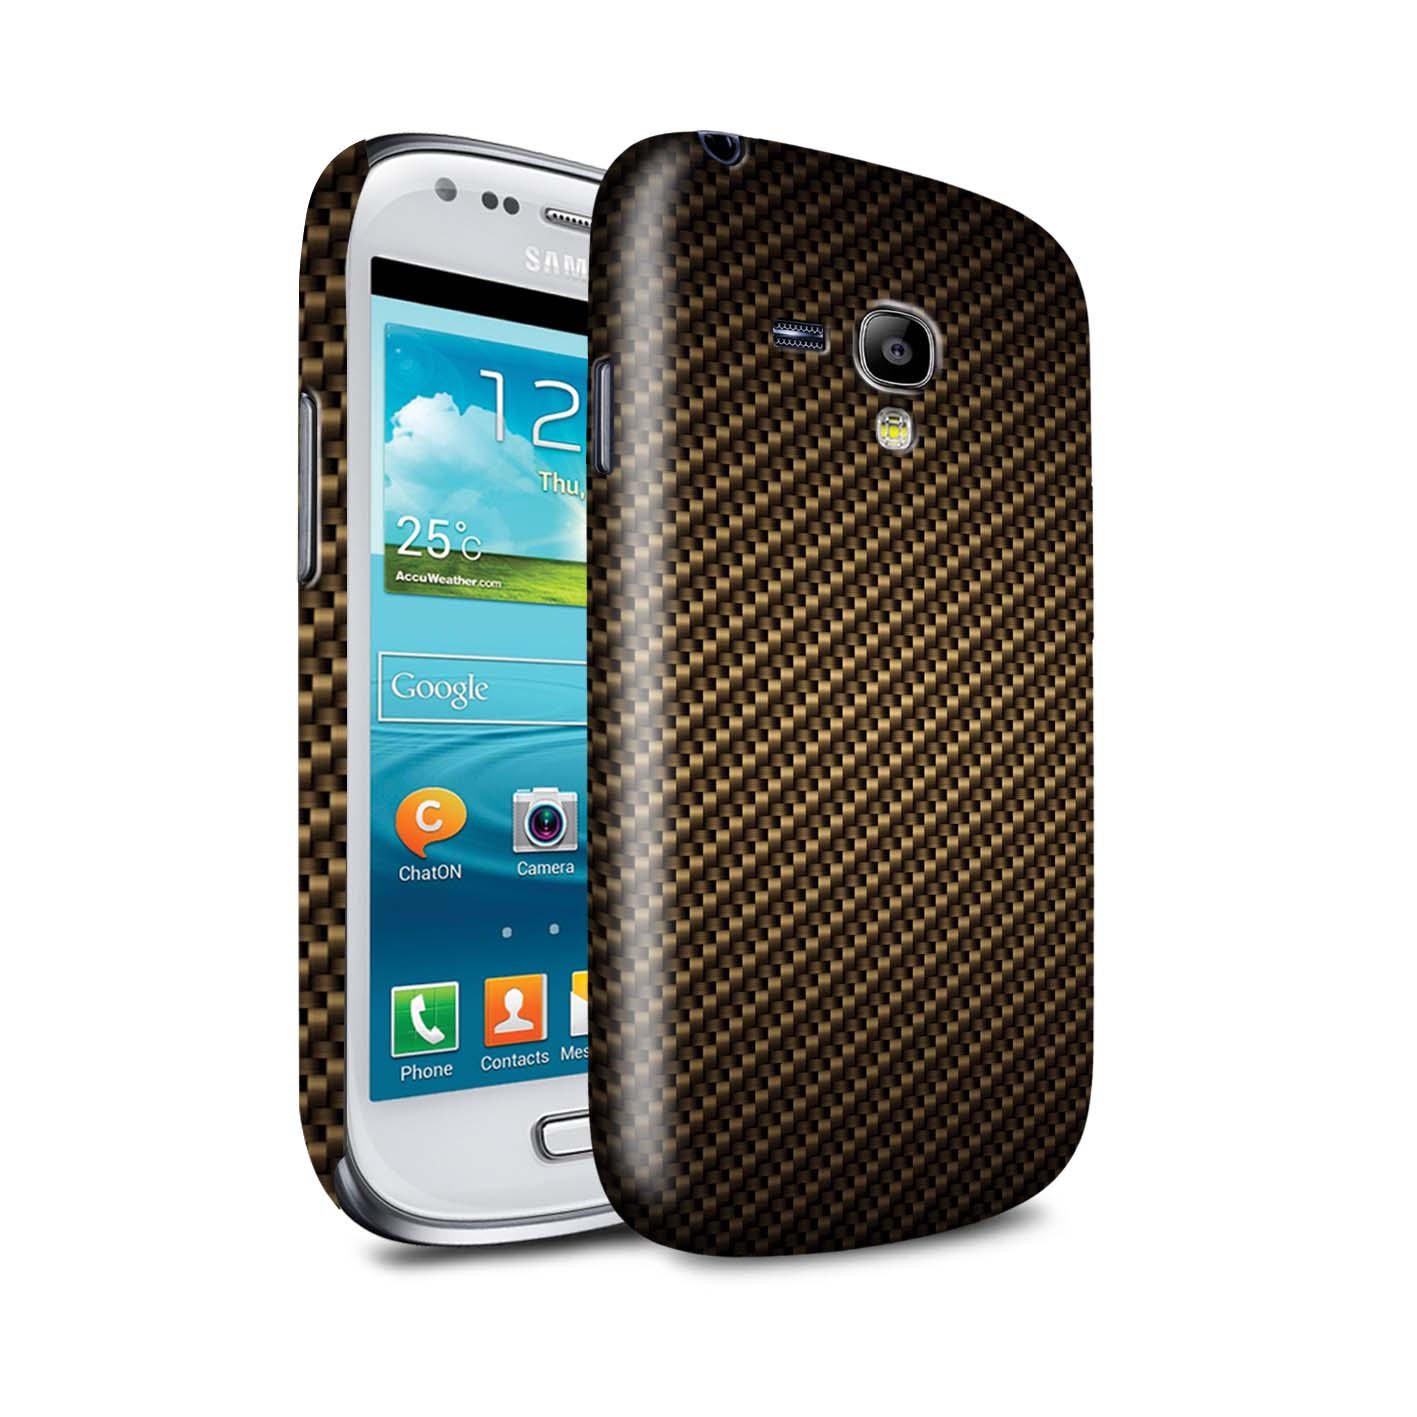 STUFF4-Coque-Brillant-pour-Samsung-Galaxy-Motif-de-Fibre-de-Carbone-Housse-Etui